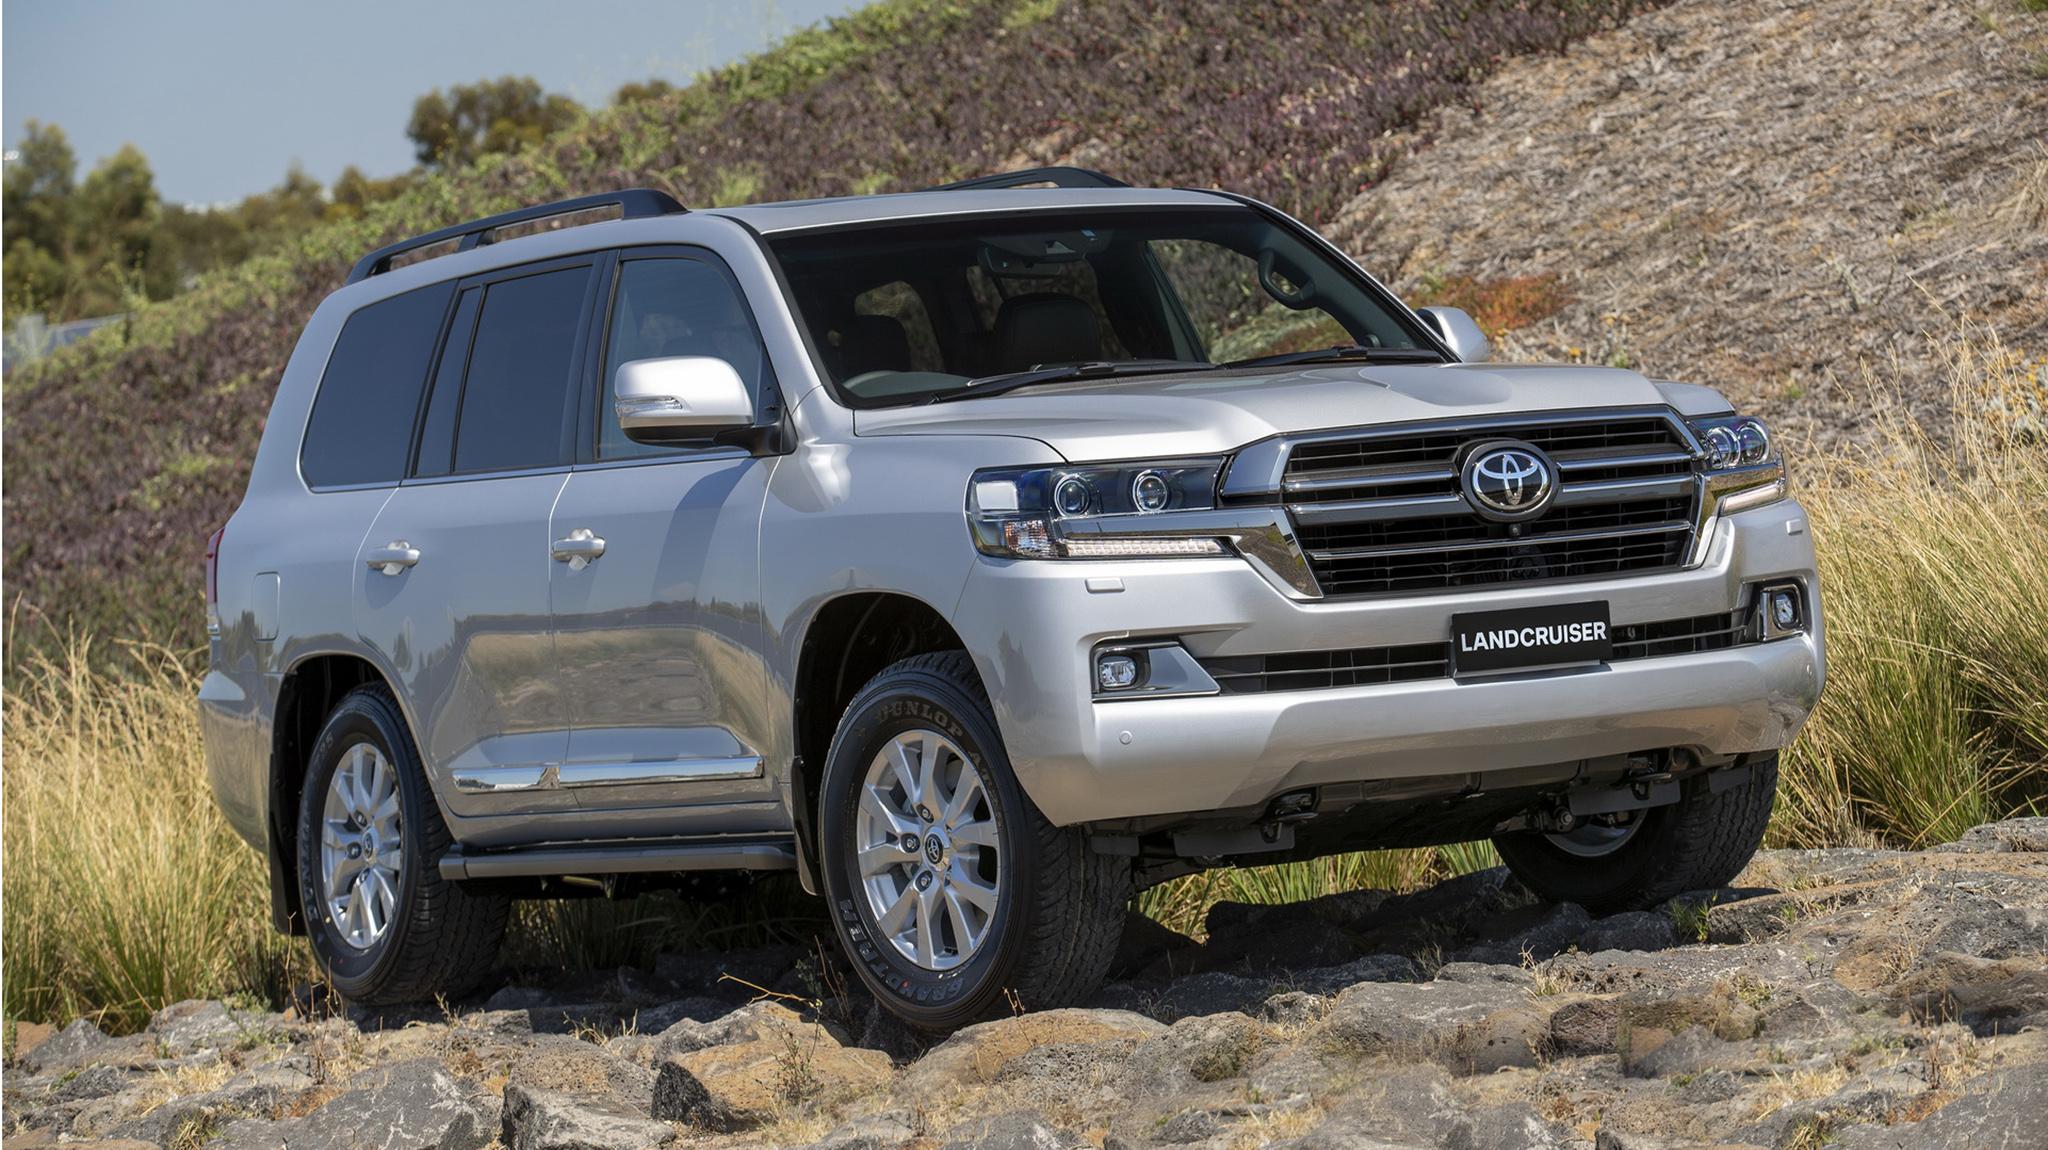 Toyota Land Cruiser Sahara Horizon 2020 ra mắt với số lượng chỉ 400 chiếc